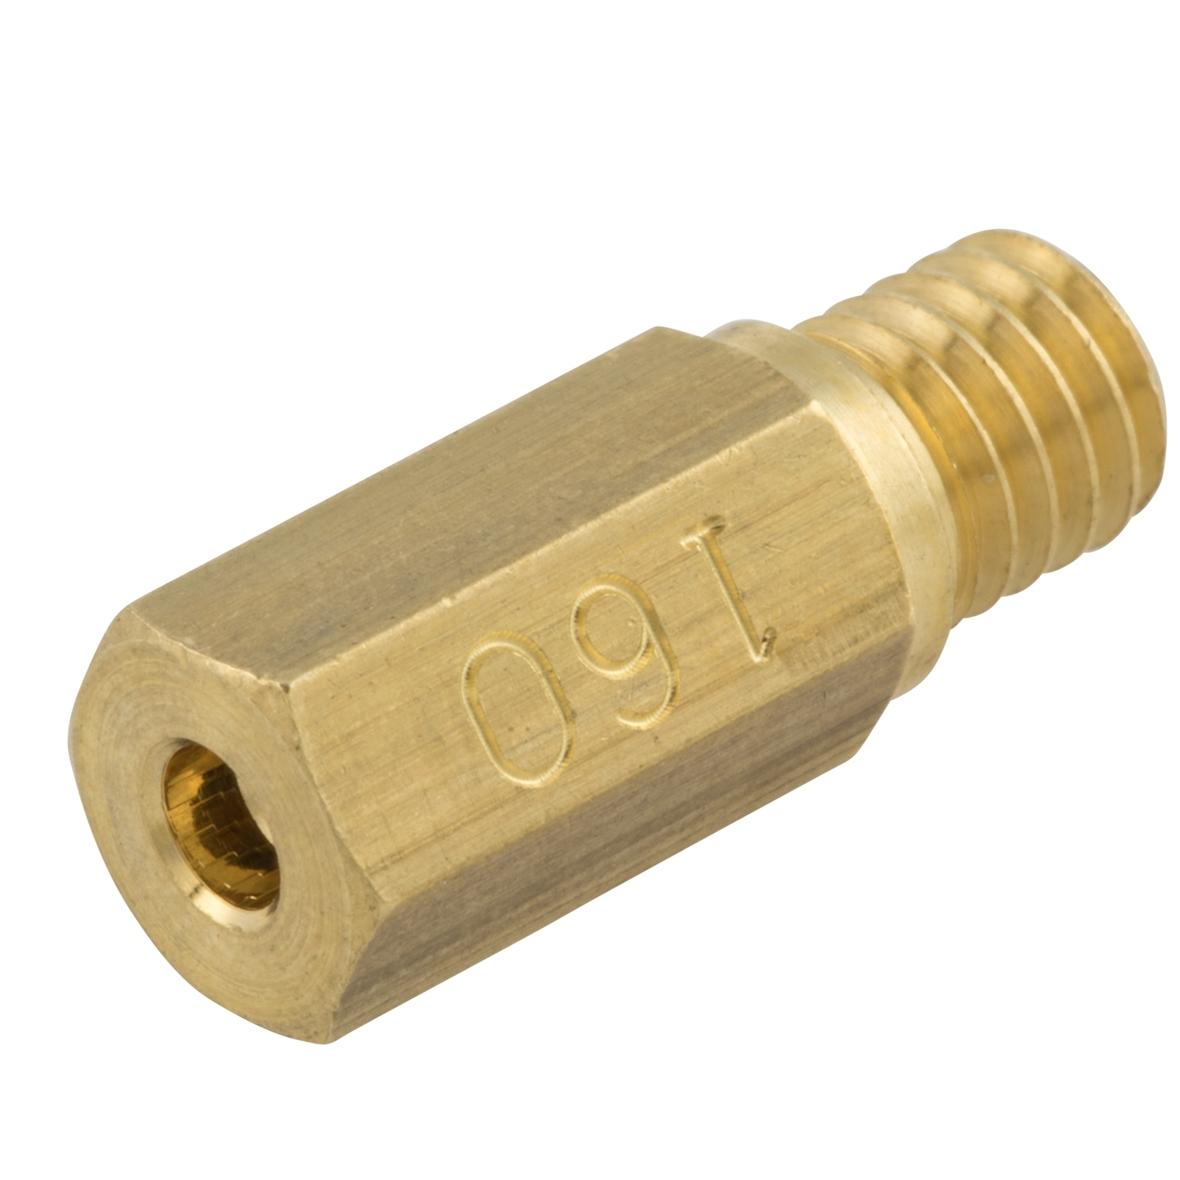 「ノズル KMT 135 Ø 6 mmTitle」の製品画像